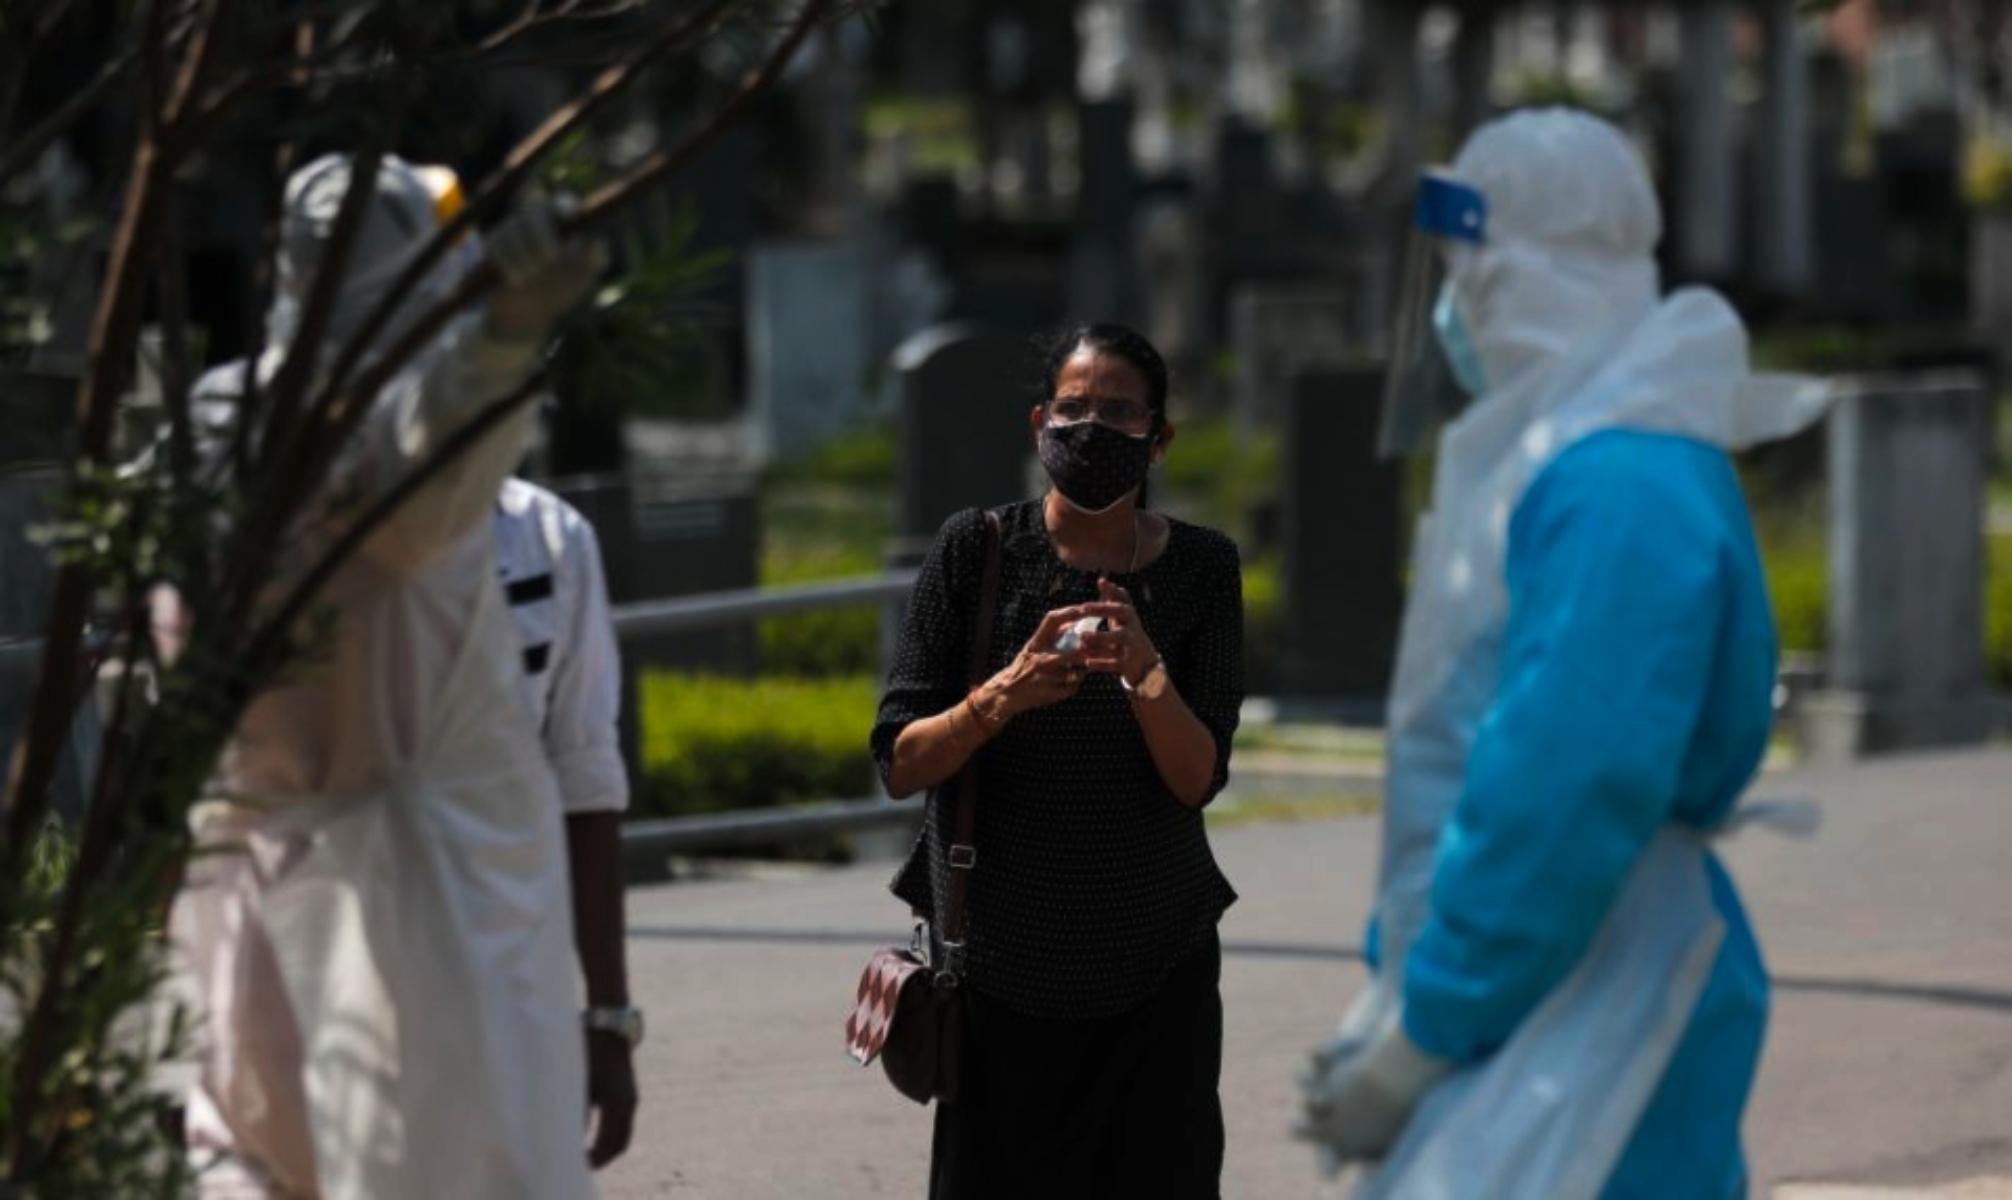 Σρι Λάνκα κορωνοϊός: Καταργεί την απαγόρευση ταφής των θυμάτων του